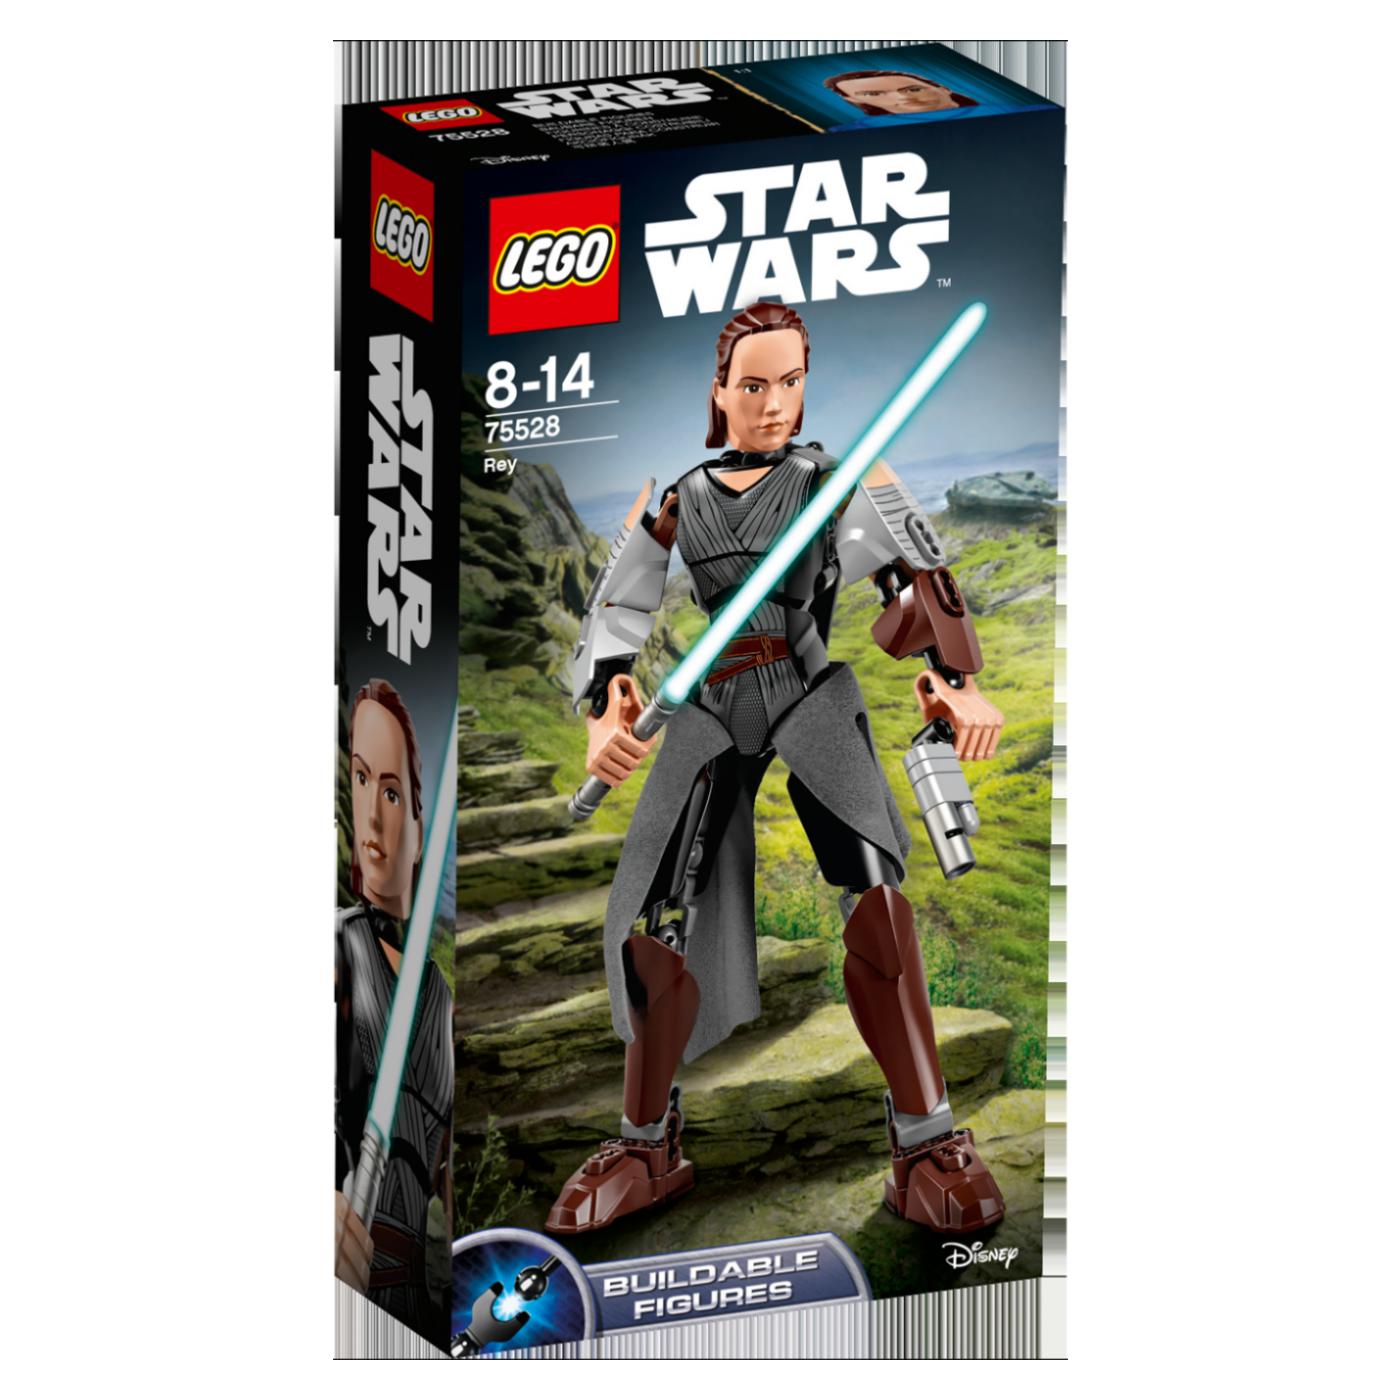 Rey, LEGO Star Wars